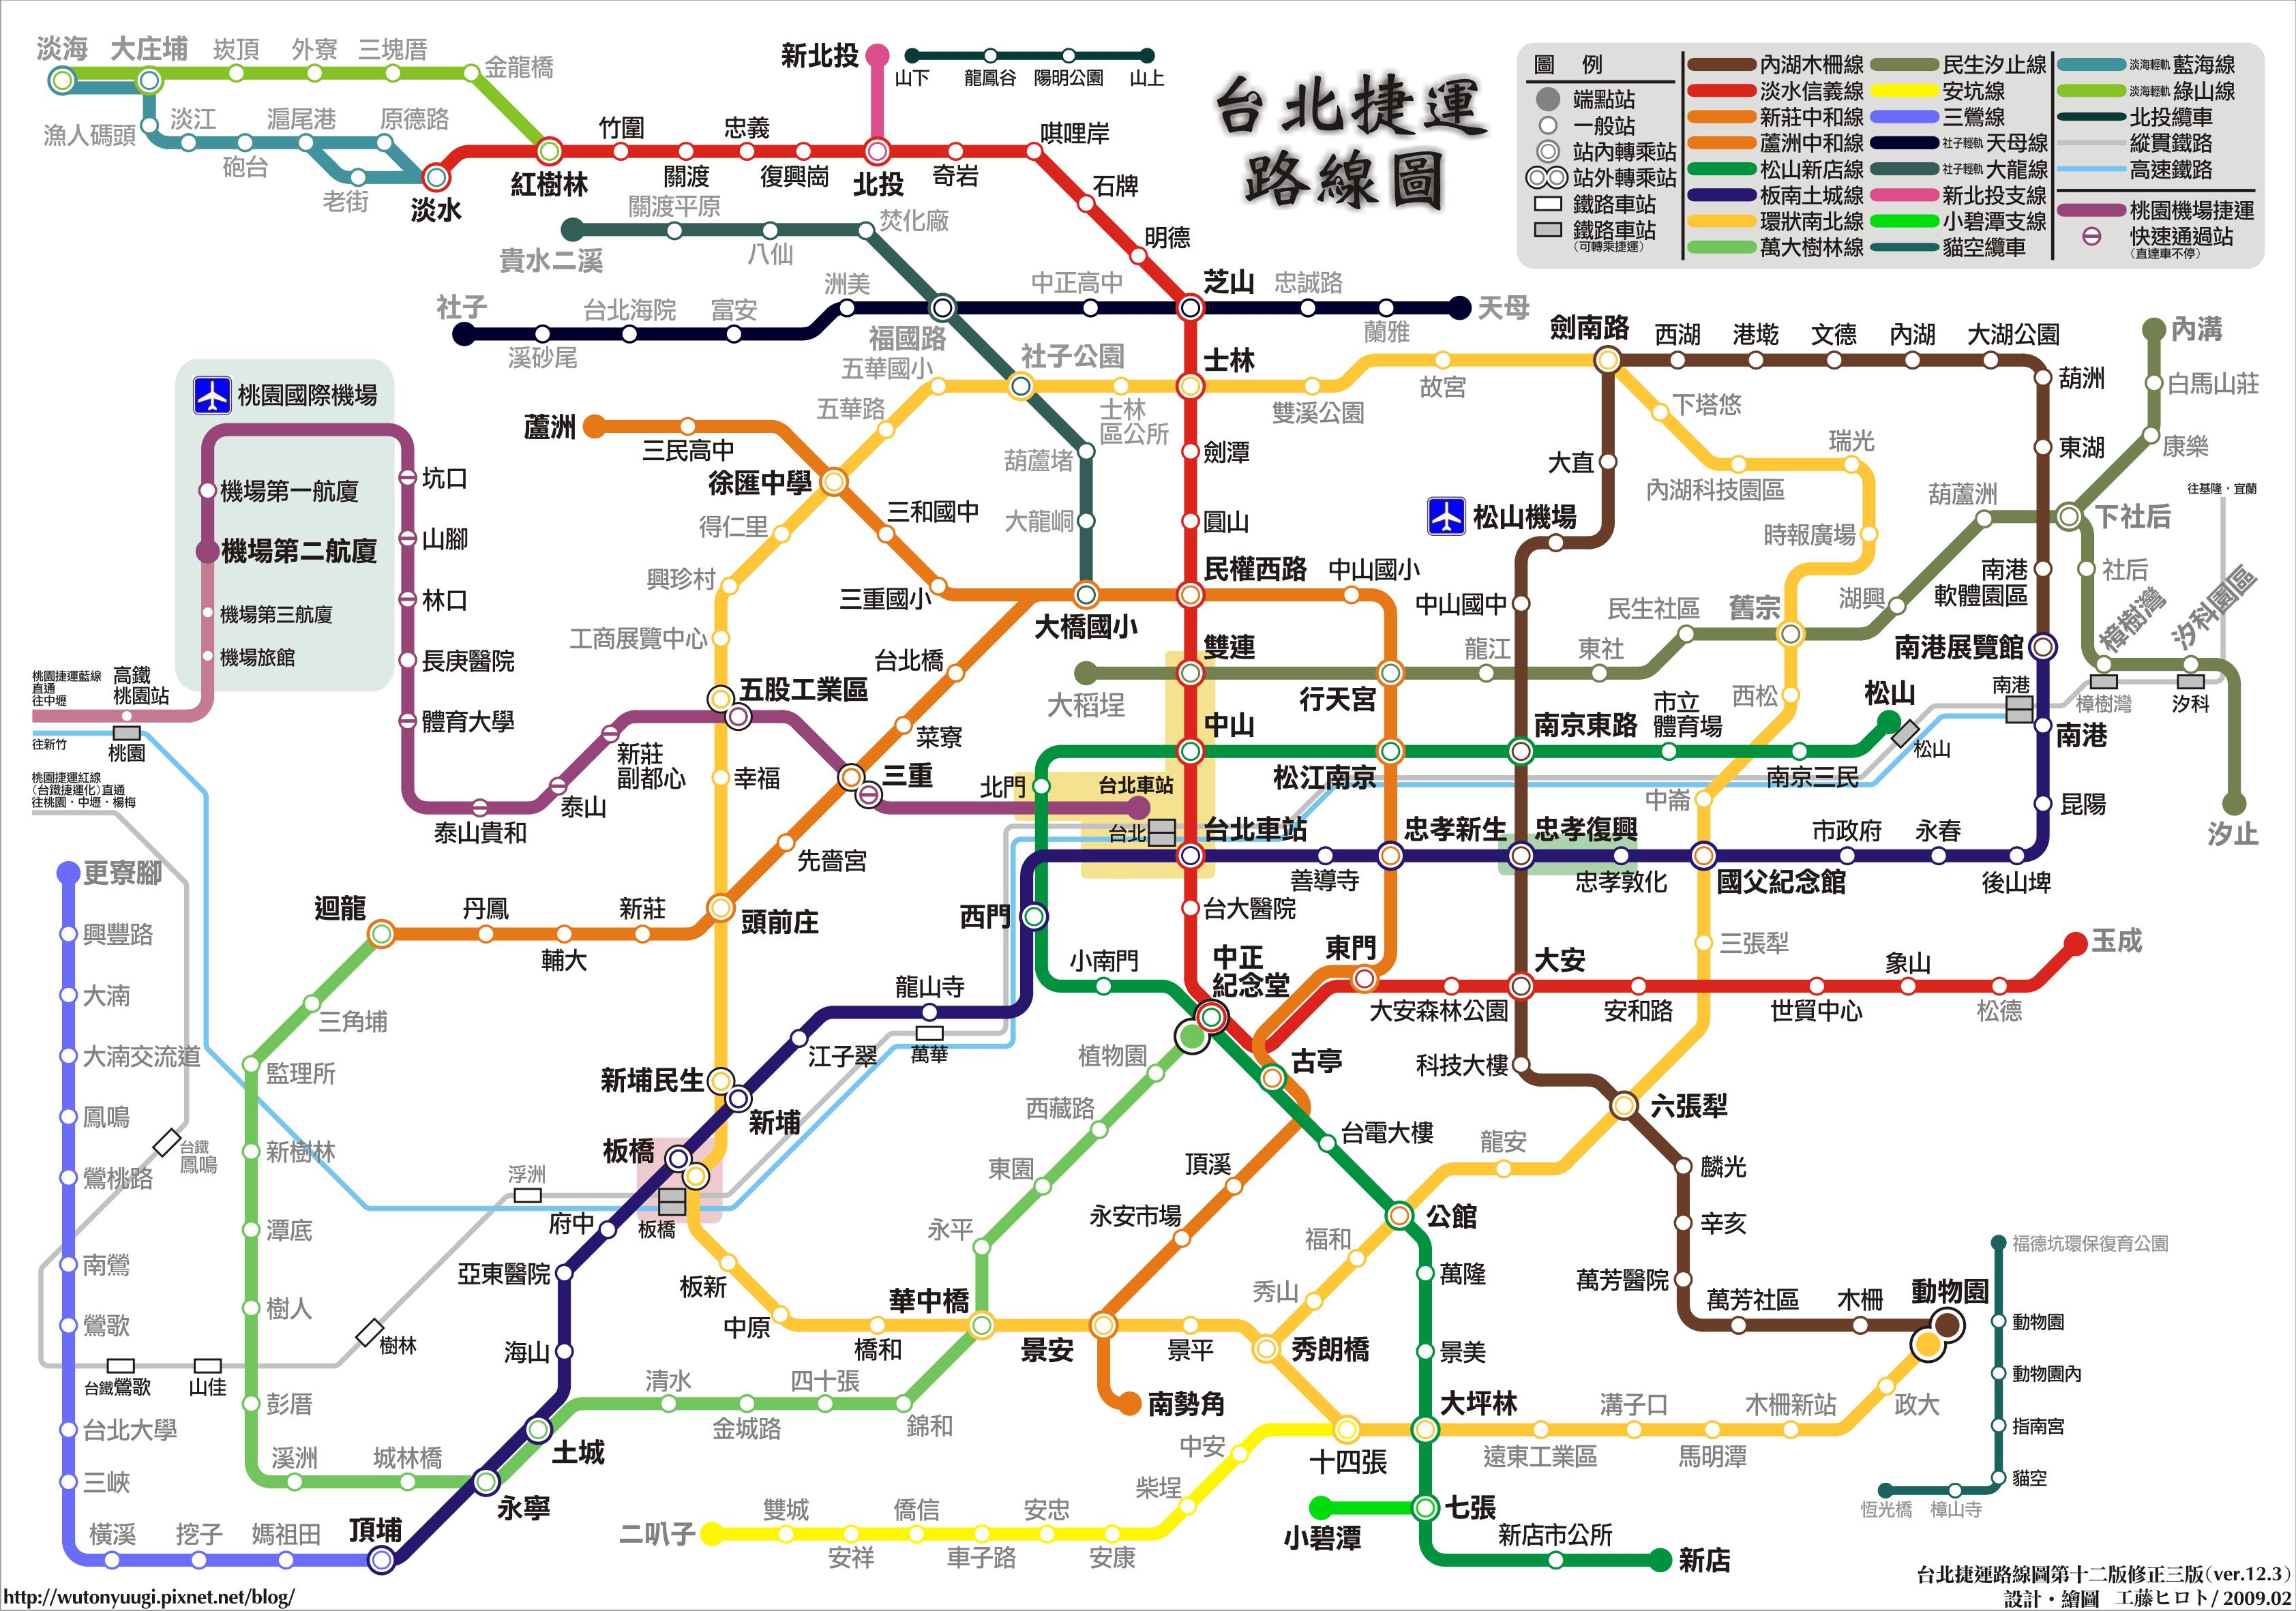 有臺北捷運新地圖嗎? | Yahoo奇摩知識+